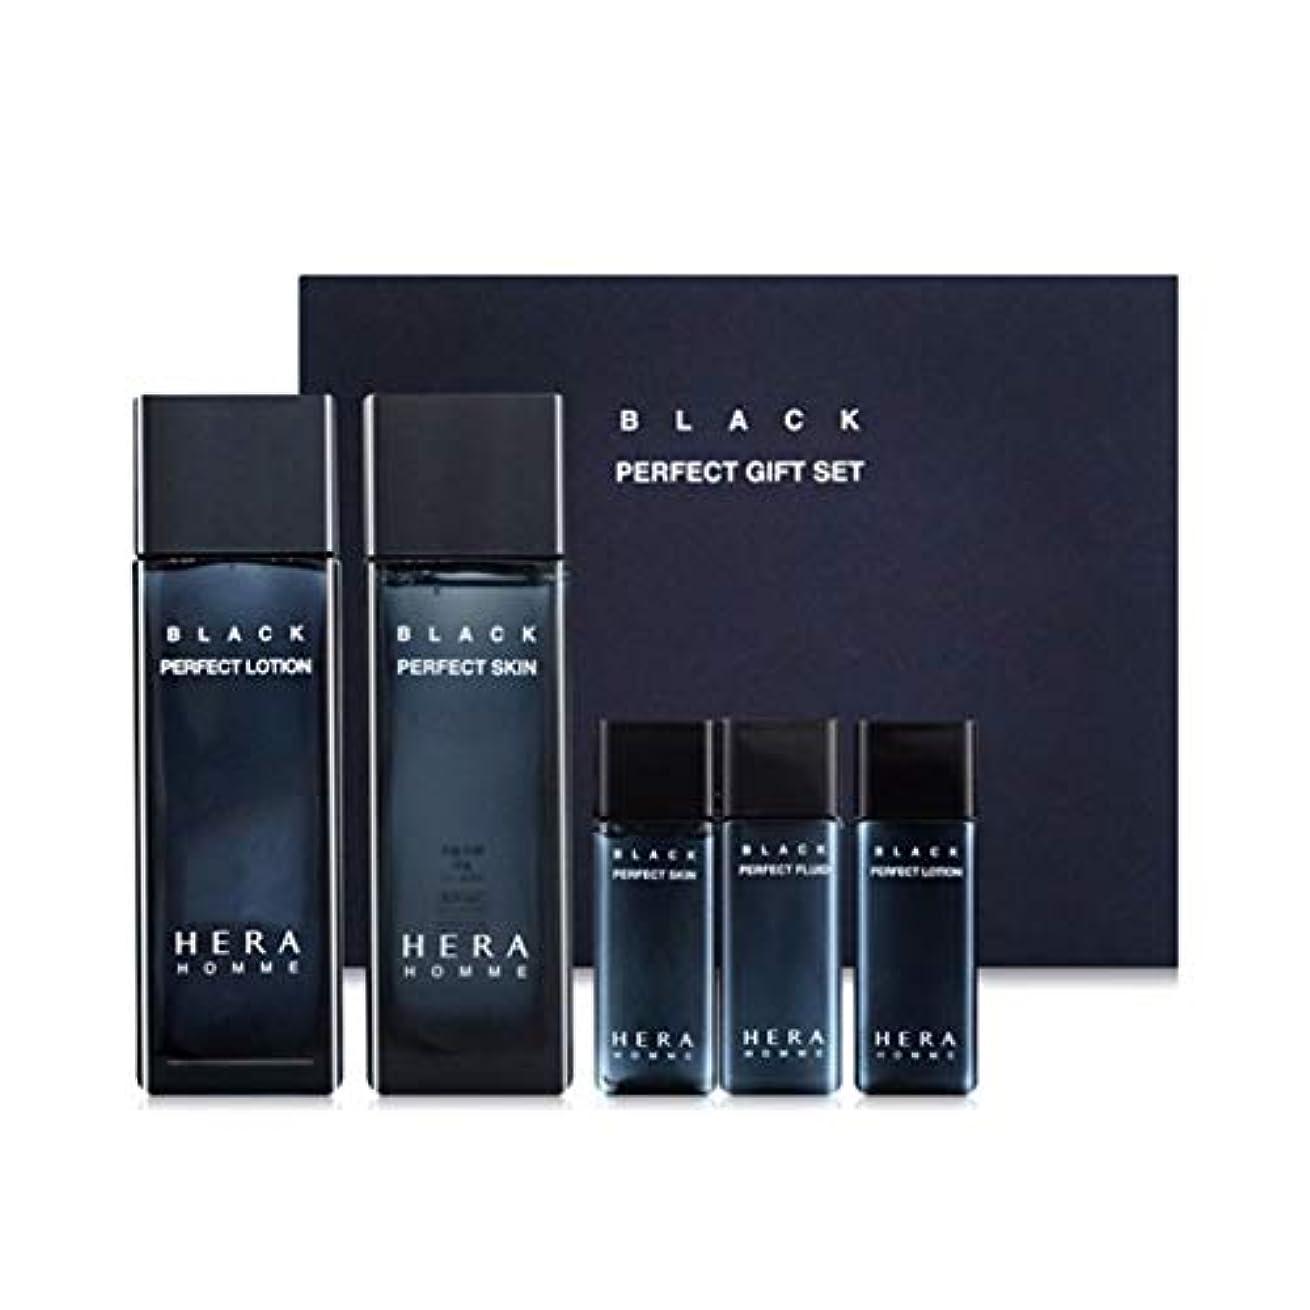 不適当骨の折れるスリラーヘラオムブラックパーフェクトスキンローションセットメンズコスメ韓国コスメ、Hera Homme Black Perfect Skin Lotion Set Men's Cosmetics Korean Cosmetics...